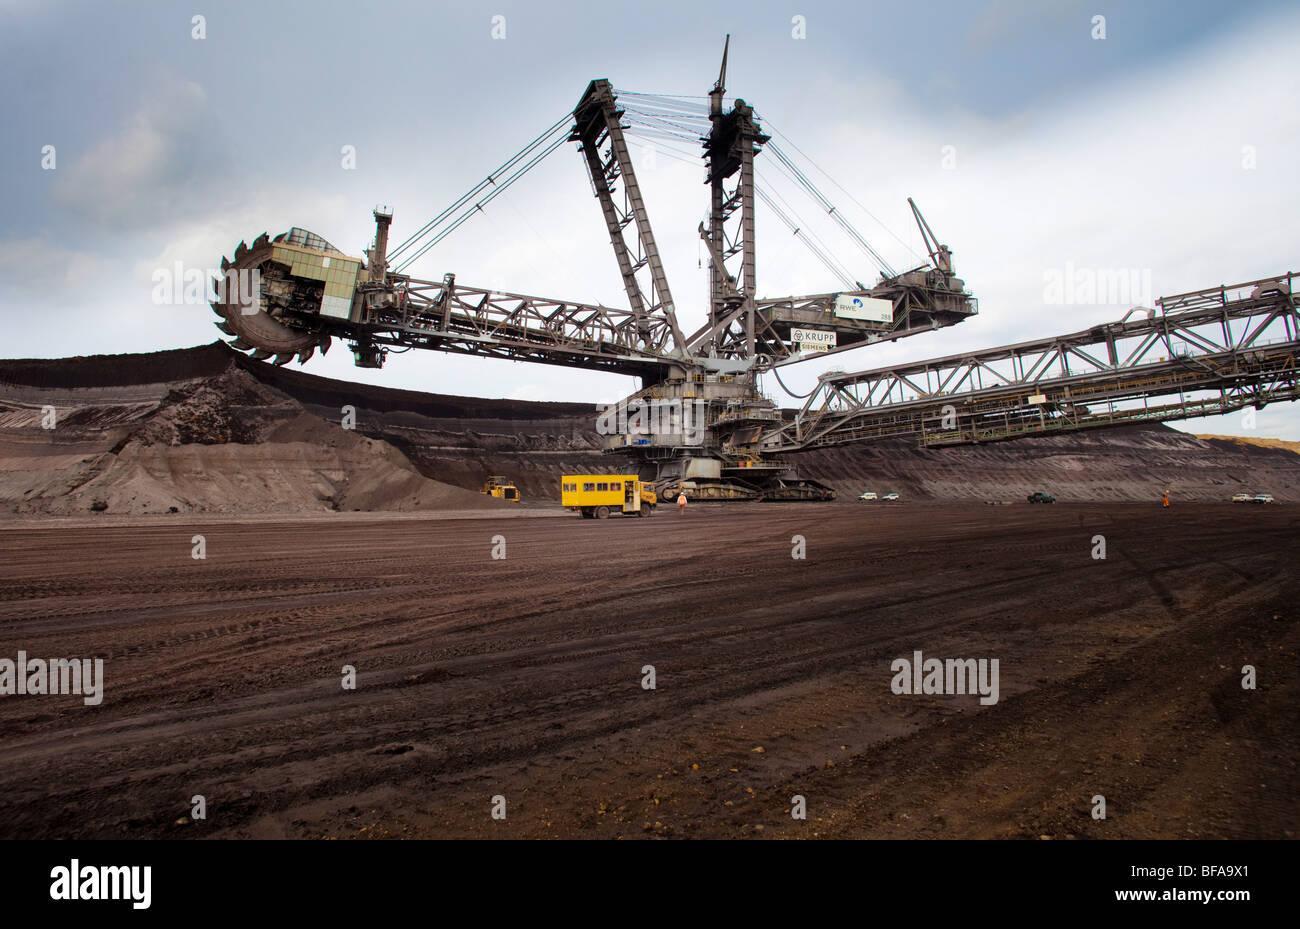 Kohletagebau in Garzweiler der von der RWE betrieben wird, - Stock Image